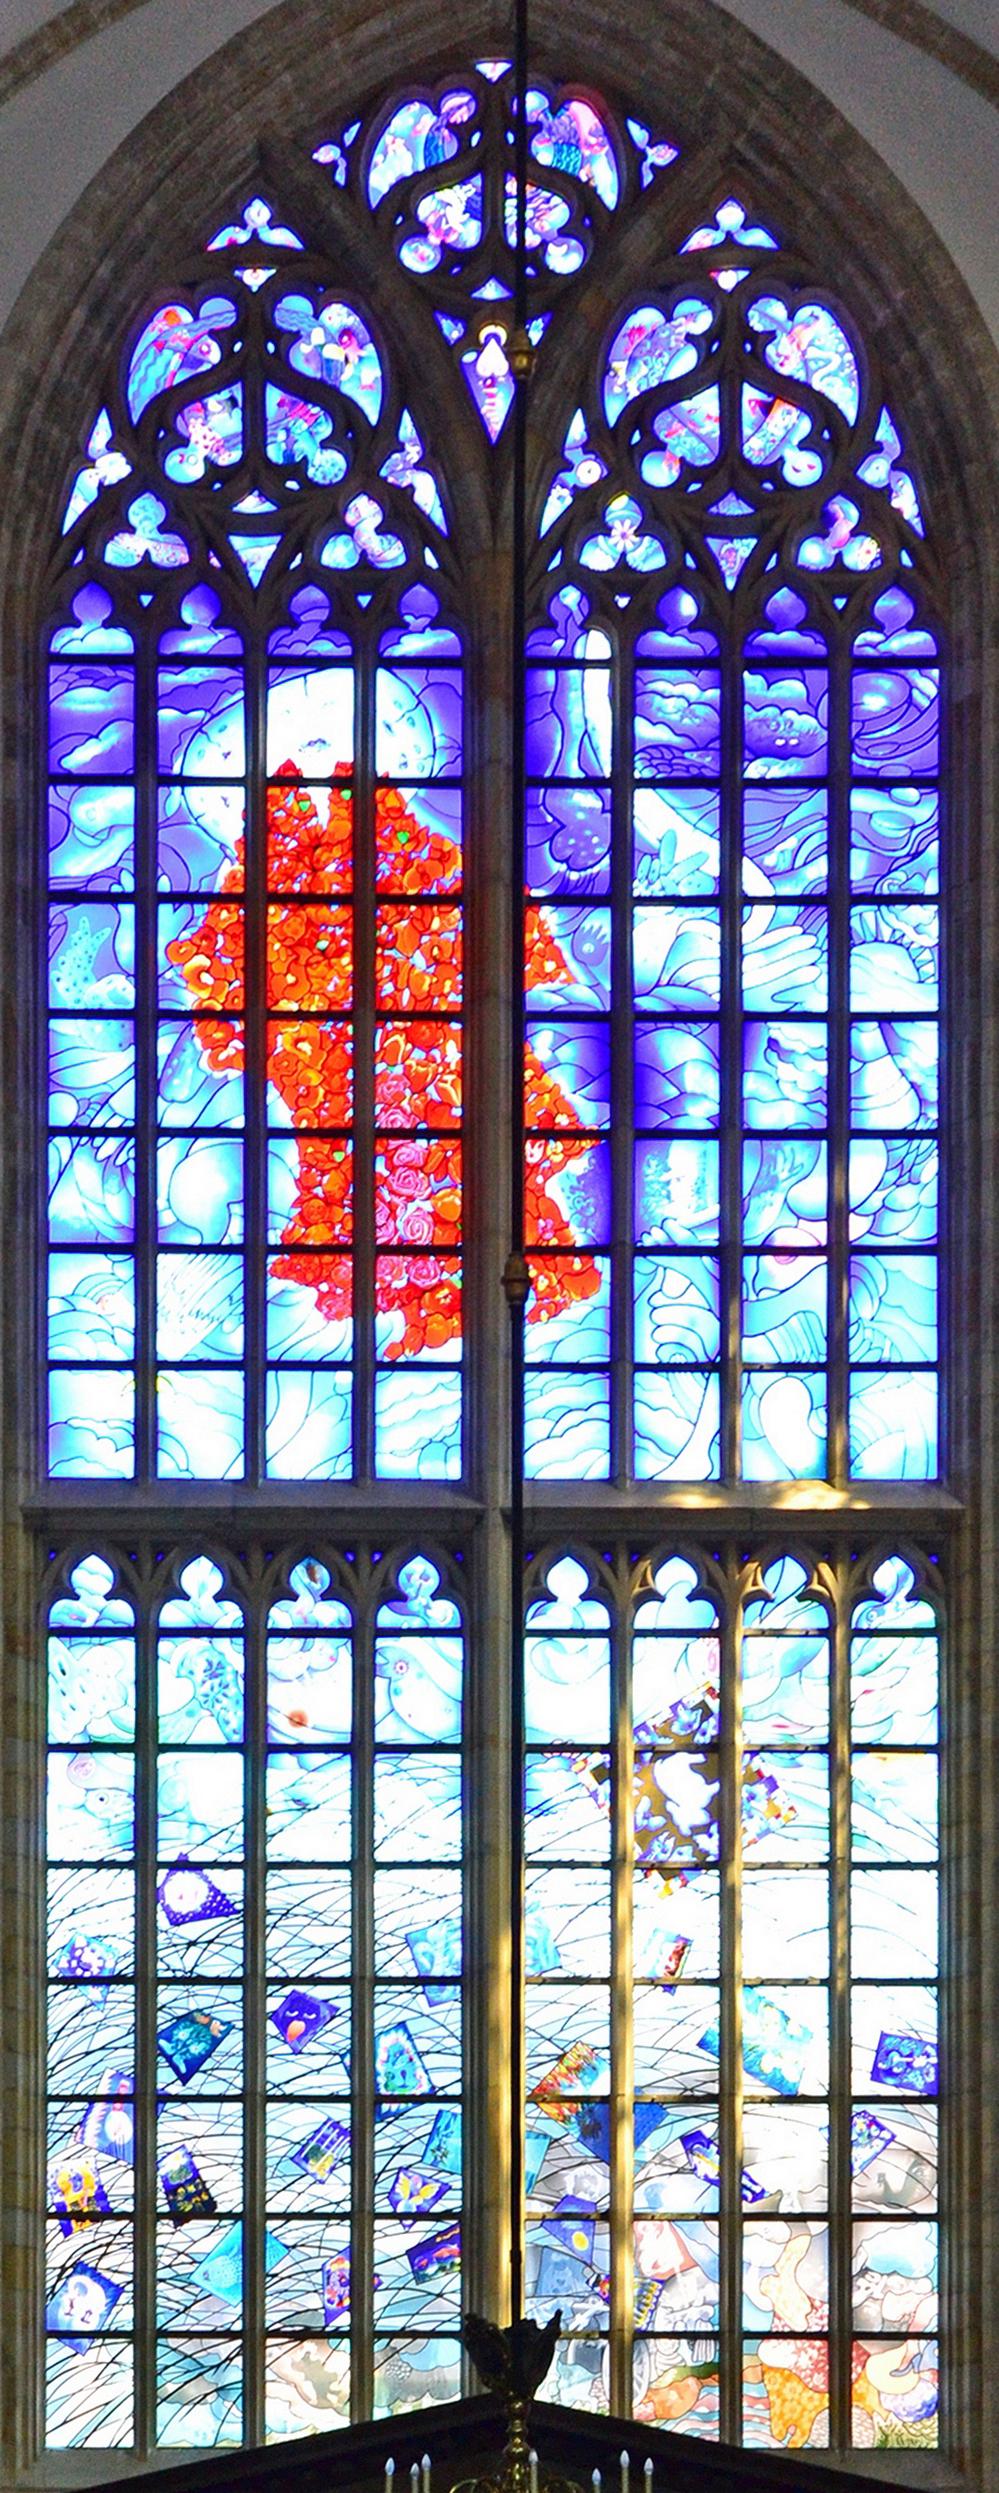 Bestand:Grote Kerk, Haarlem Blaues Buntglasfenster 05.jpg ...